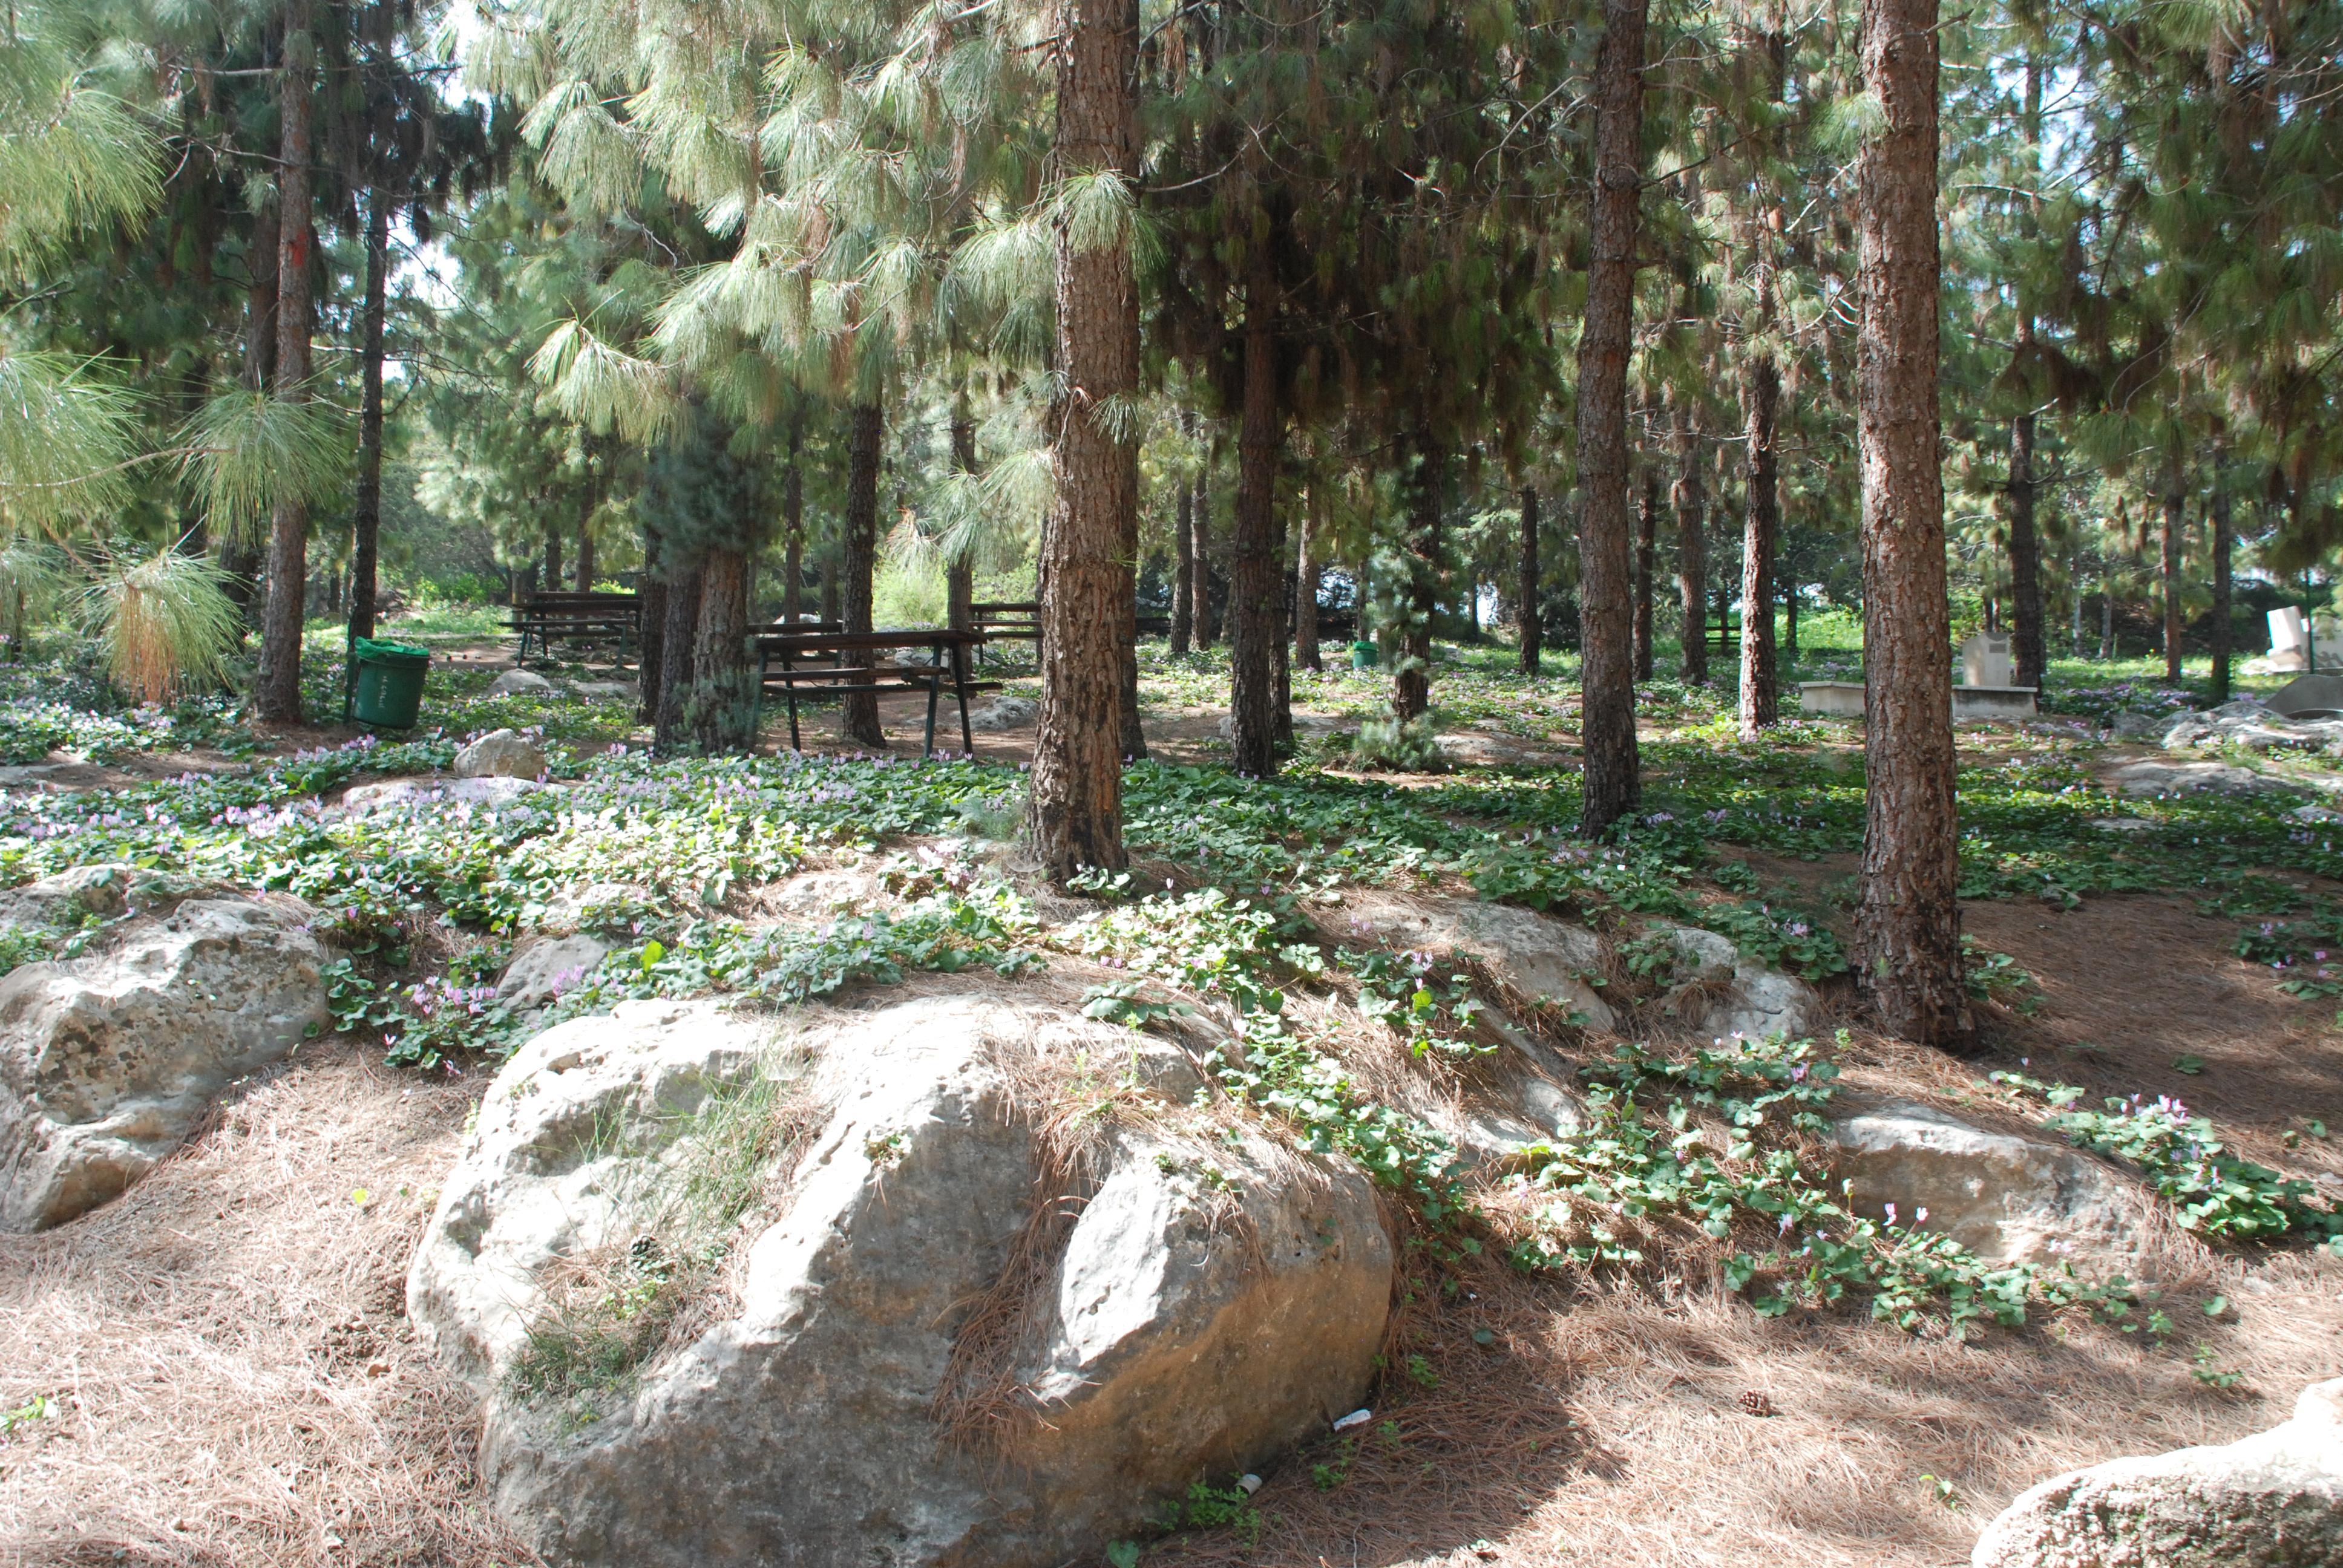 פריחה בפארק העוצבות